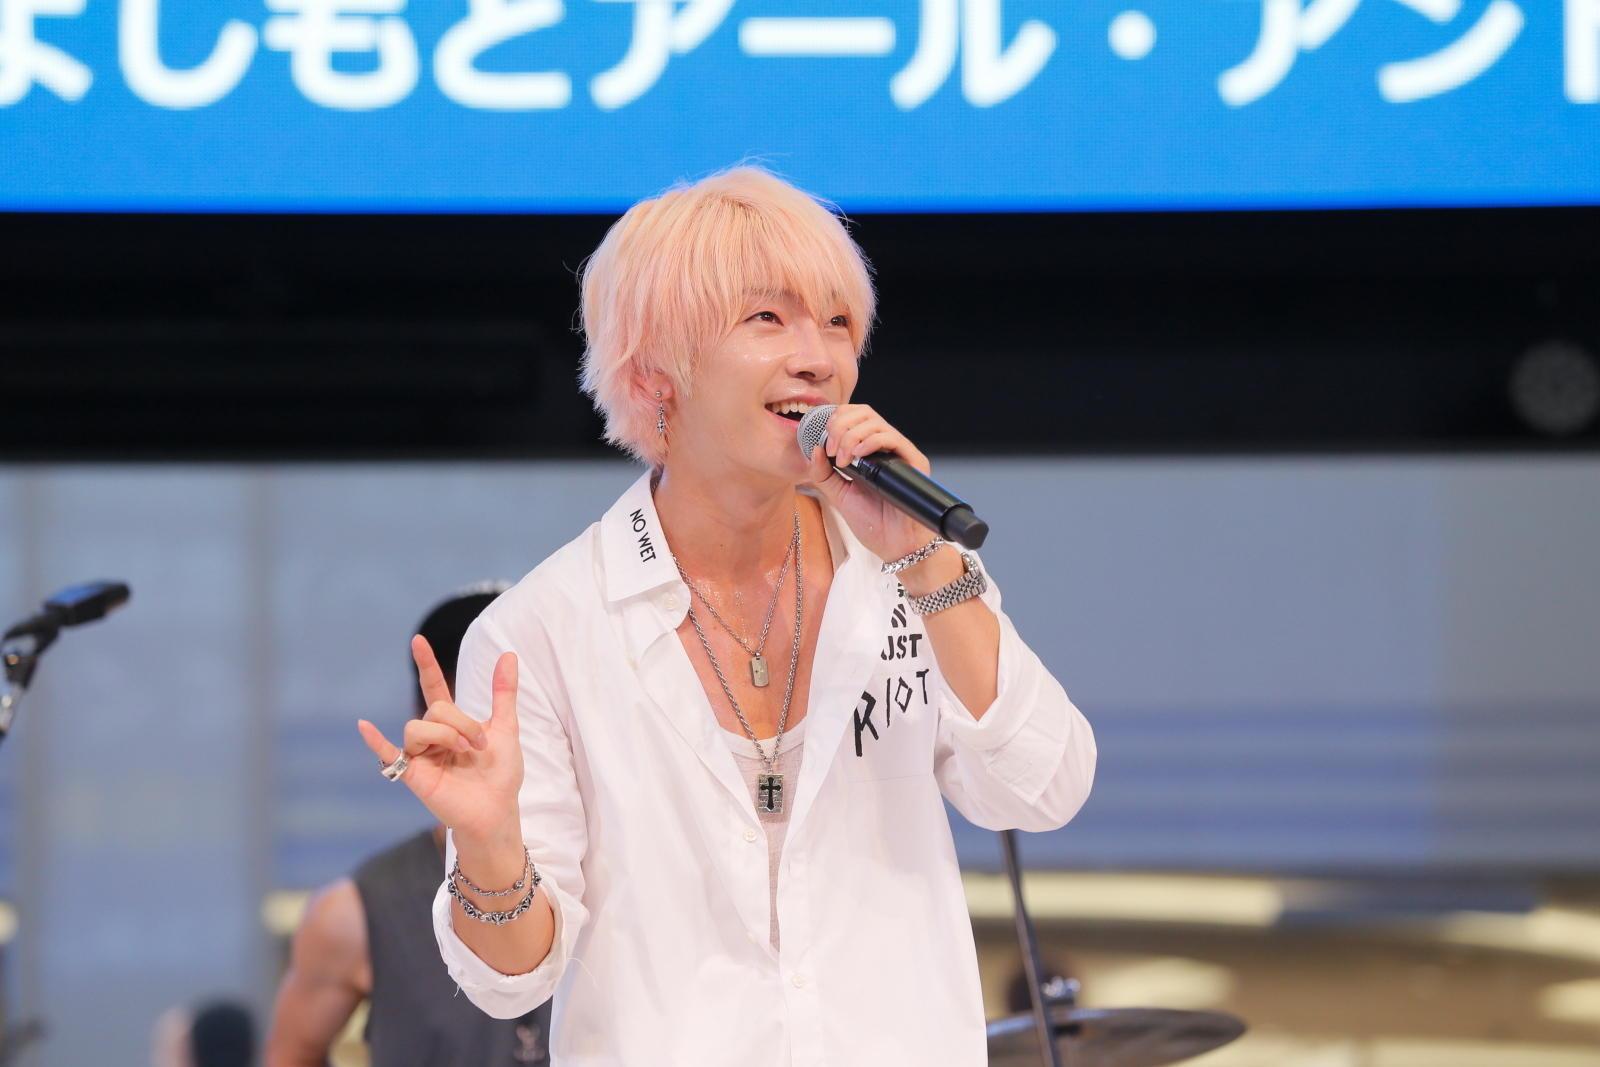 http://news.yoshimoto.co.jp/20160630123422-0c10be0668225a9ff9bffd105fb30724079bff02.jpg